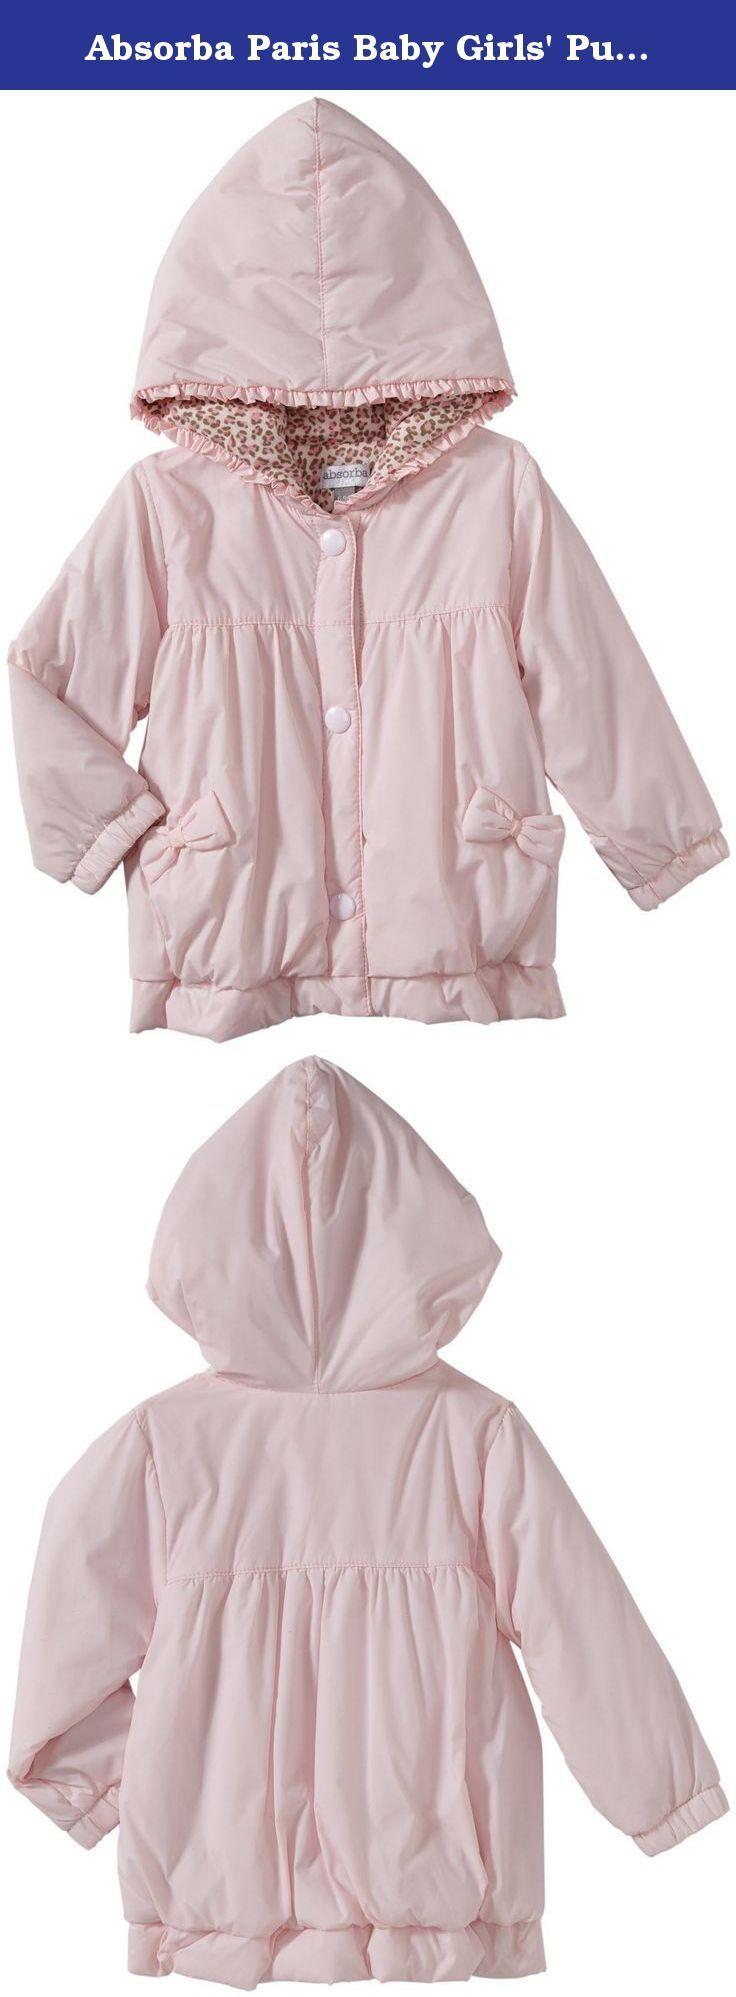 Absorba Paris Baby Girls Puffer Jacket Baby Pink 6 9 Months Absorba Paris Puffer Jacket Baby Pink A Newb Girls Puffer Jacket Newborn Girl Baby Pink [ 1997 x 736 Pixel ]